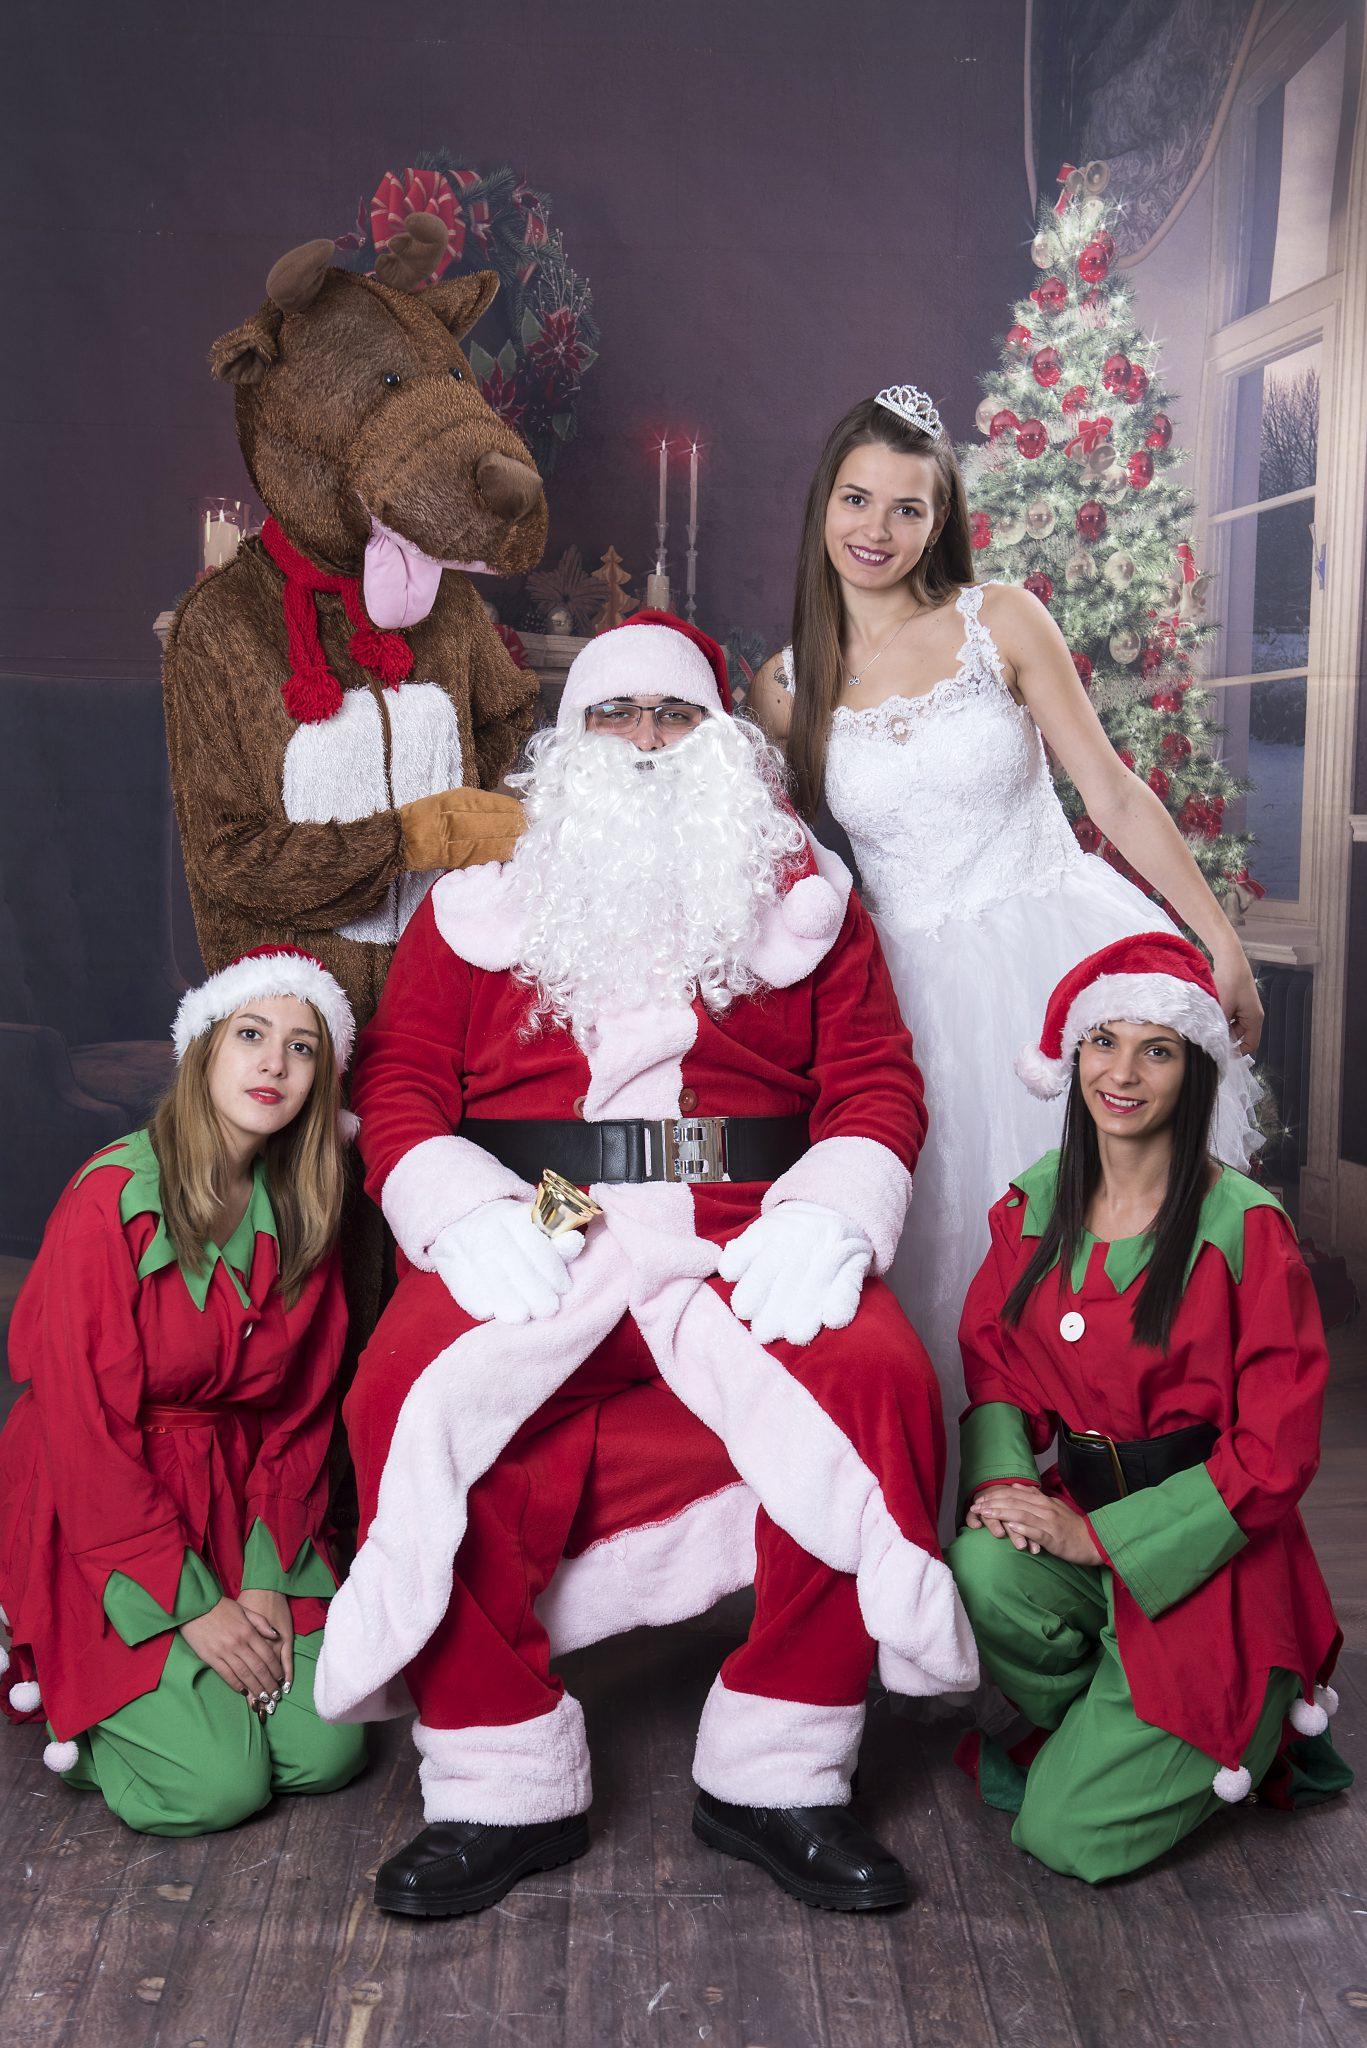 Ако искате коледния дух да оживее и във вашия дом ,поканете Дядо Коледа и Снежанка . Предлагаме посещения ,както и Коледни програми във вкъщи , детската градина , заведения ,детски център , училище ,хотели , фирмени партита или където пожелаете !!!